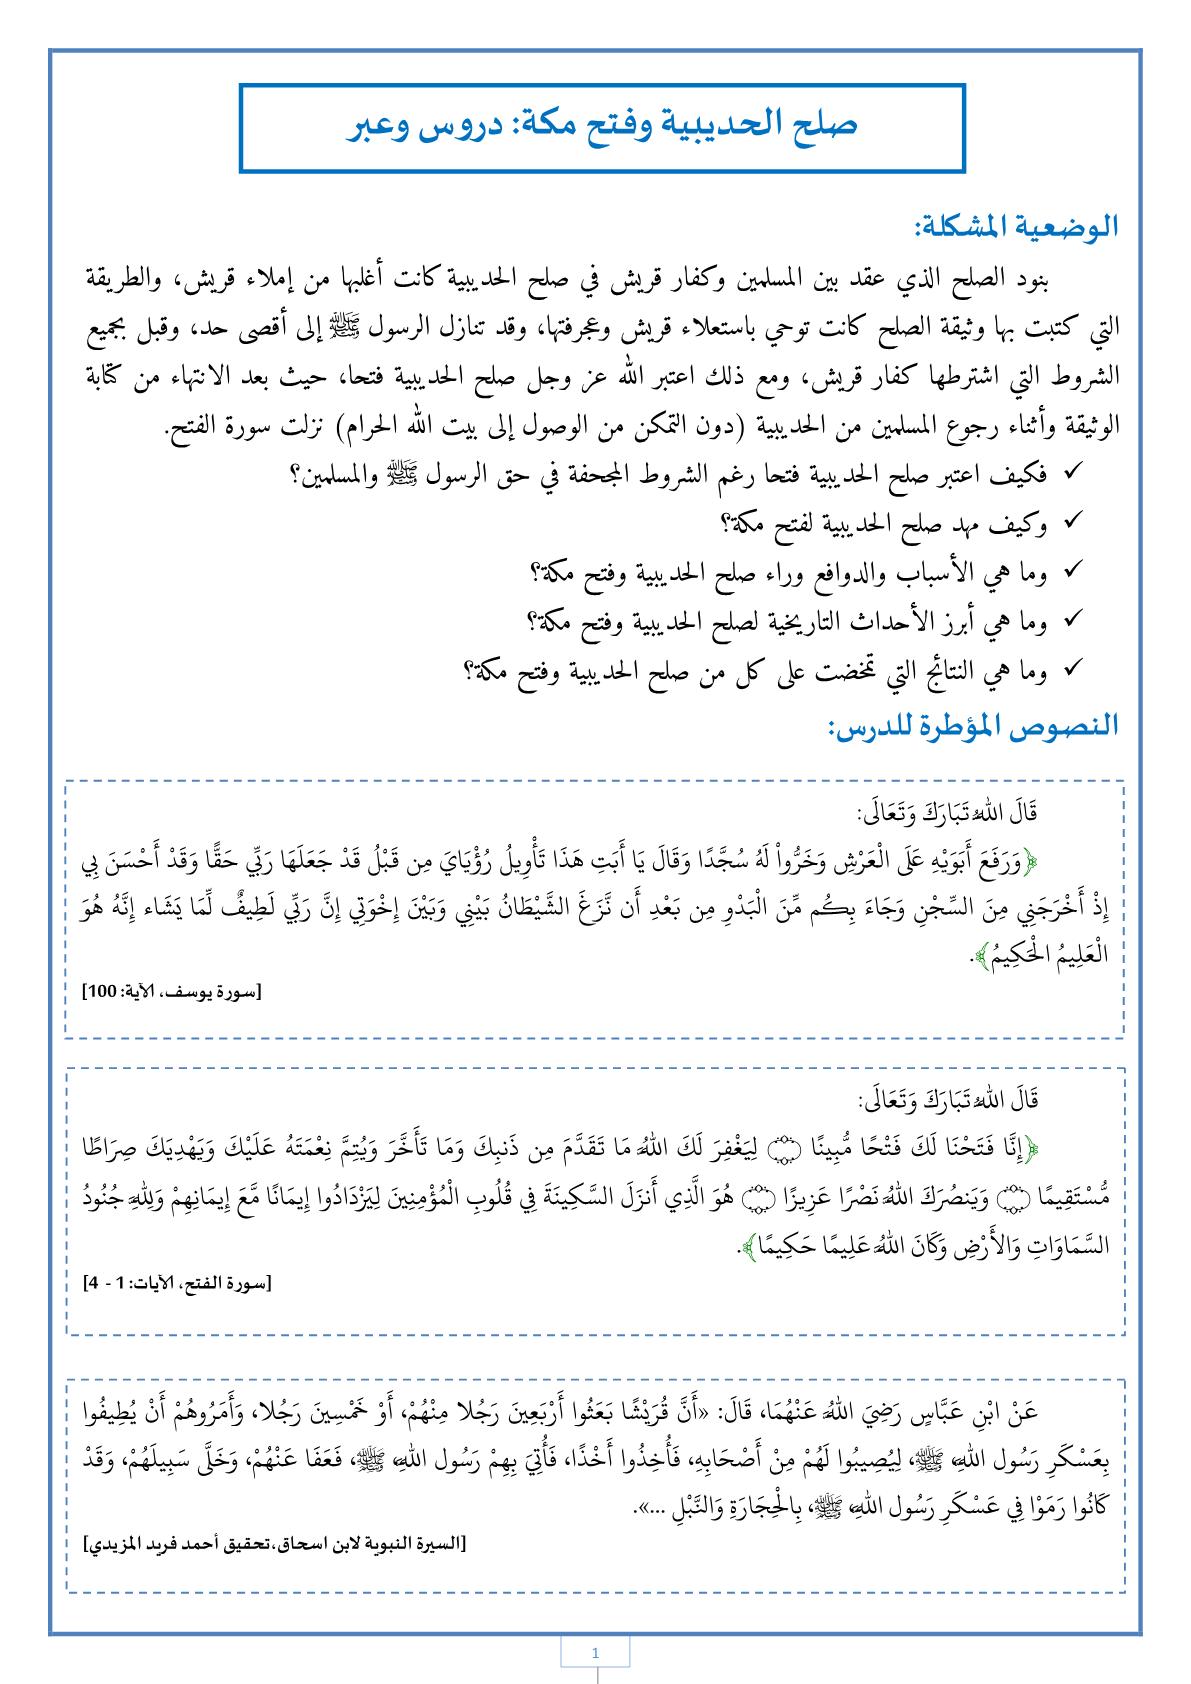 درس صلح الحدبية وفتح مكة اولى باك اداب وعلوم انسانية